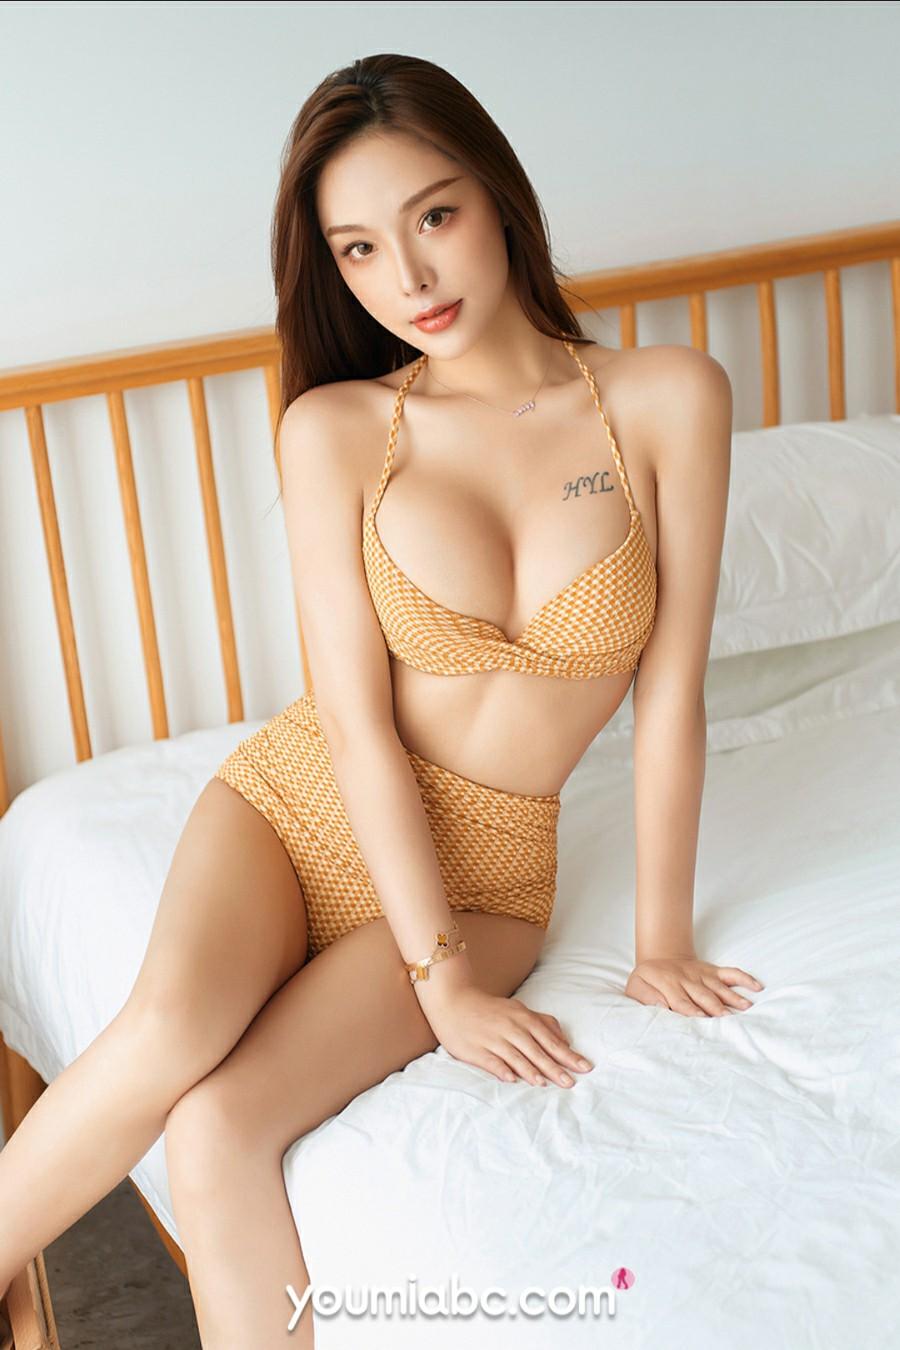 [YouMi尤蜜] 2020.10.16 陈圆圆 爱情激素 第2张